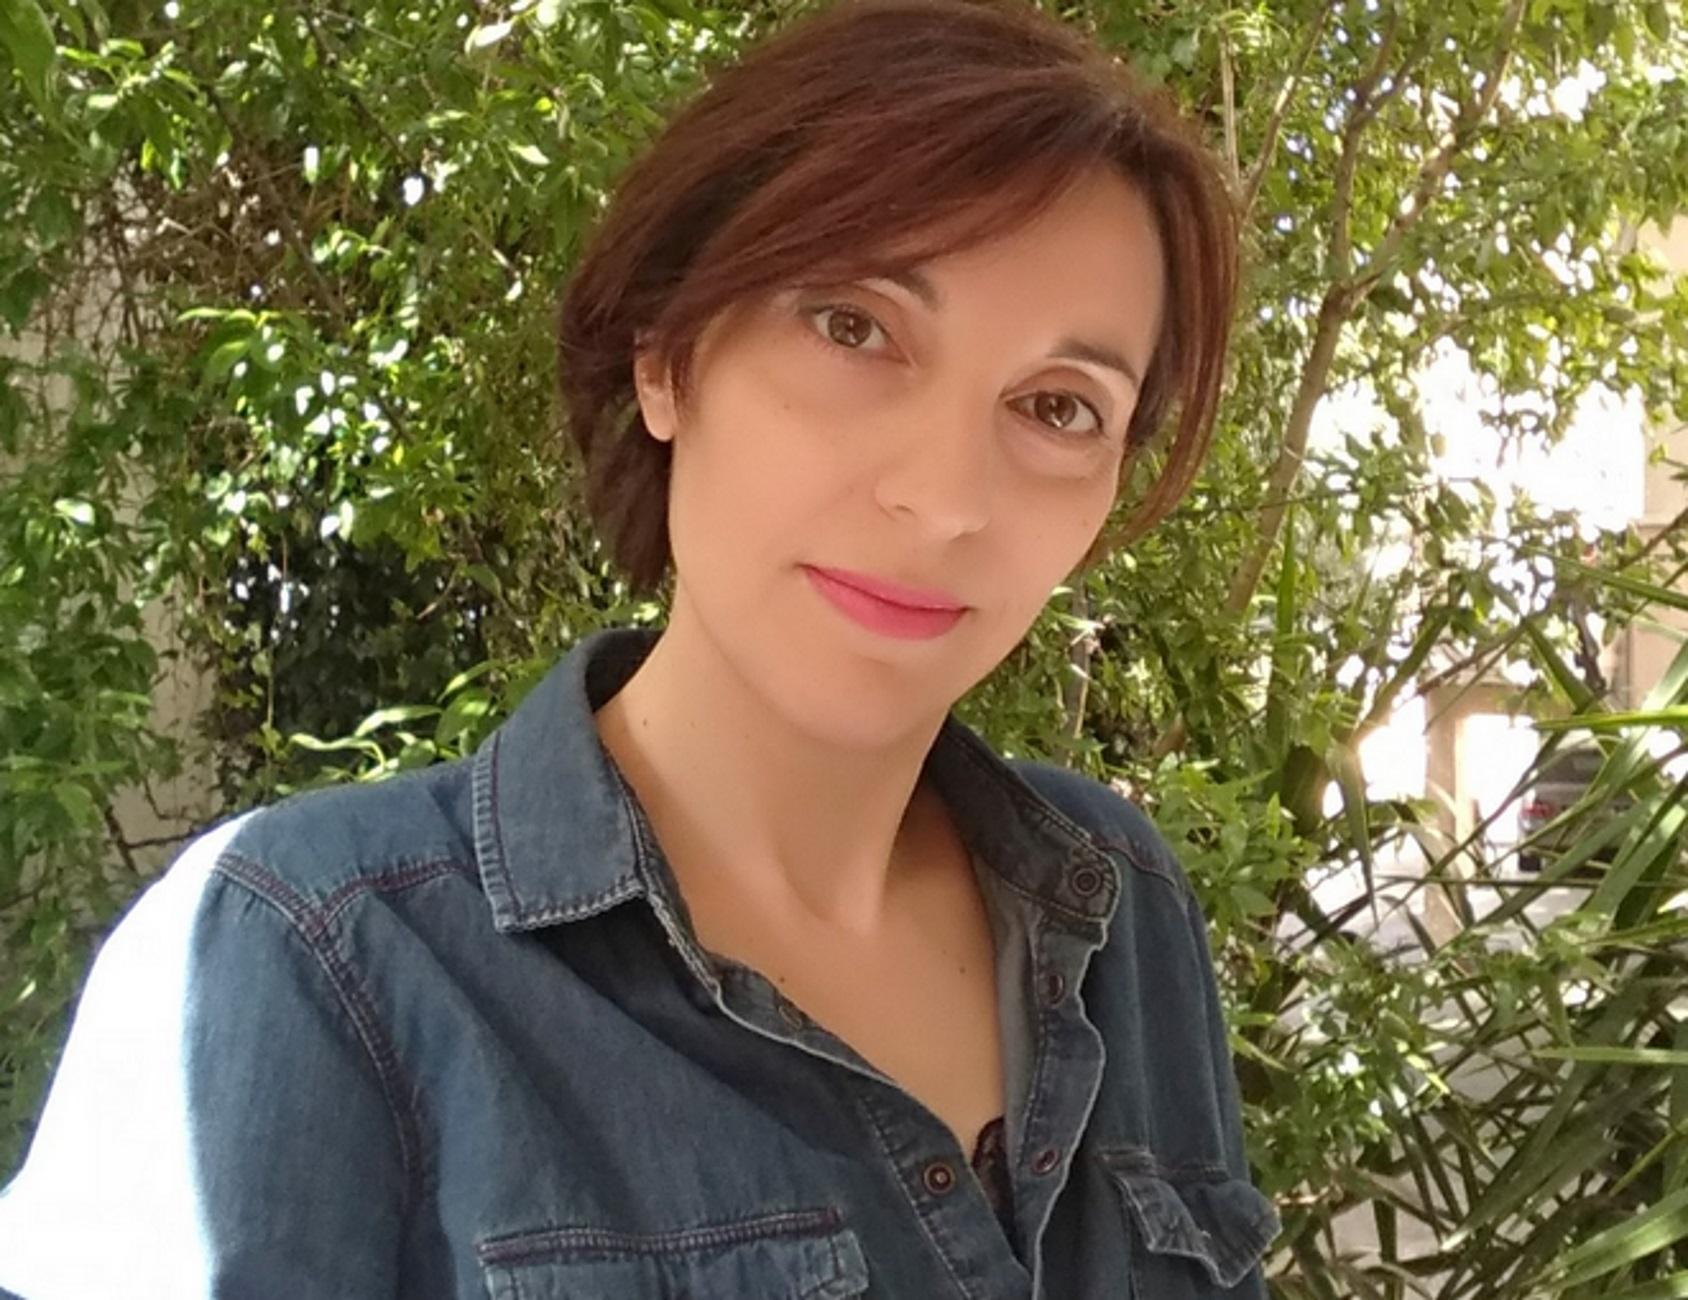 Θεσσαλονίκη: Αυτή είναι η καθηγήτρια που καινοτόμησε και έγινε θέμα συζήτησης (pics)